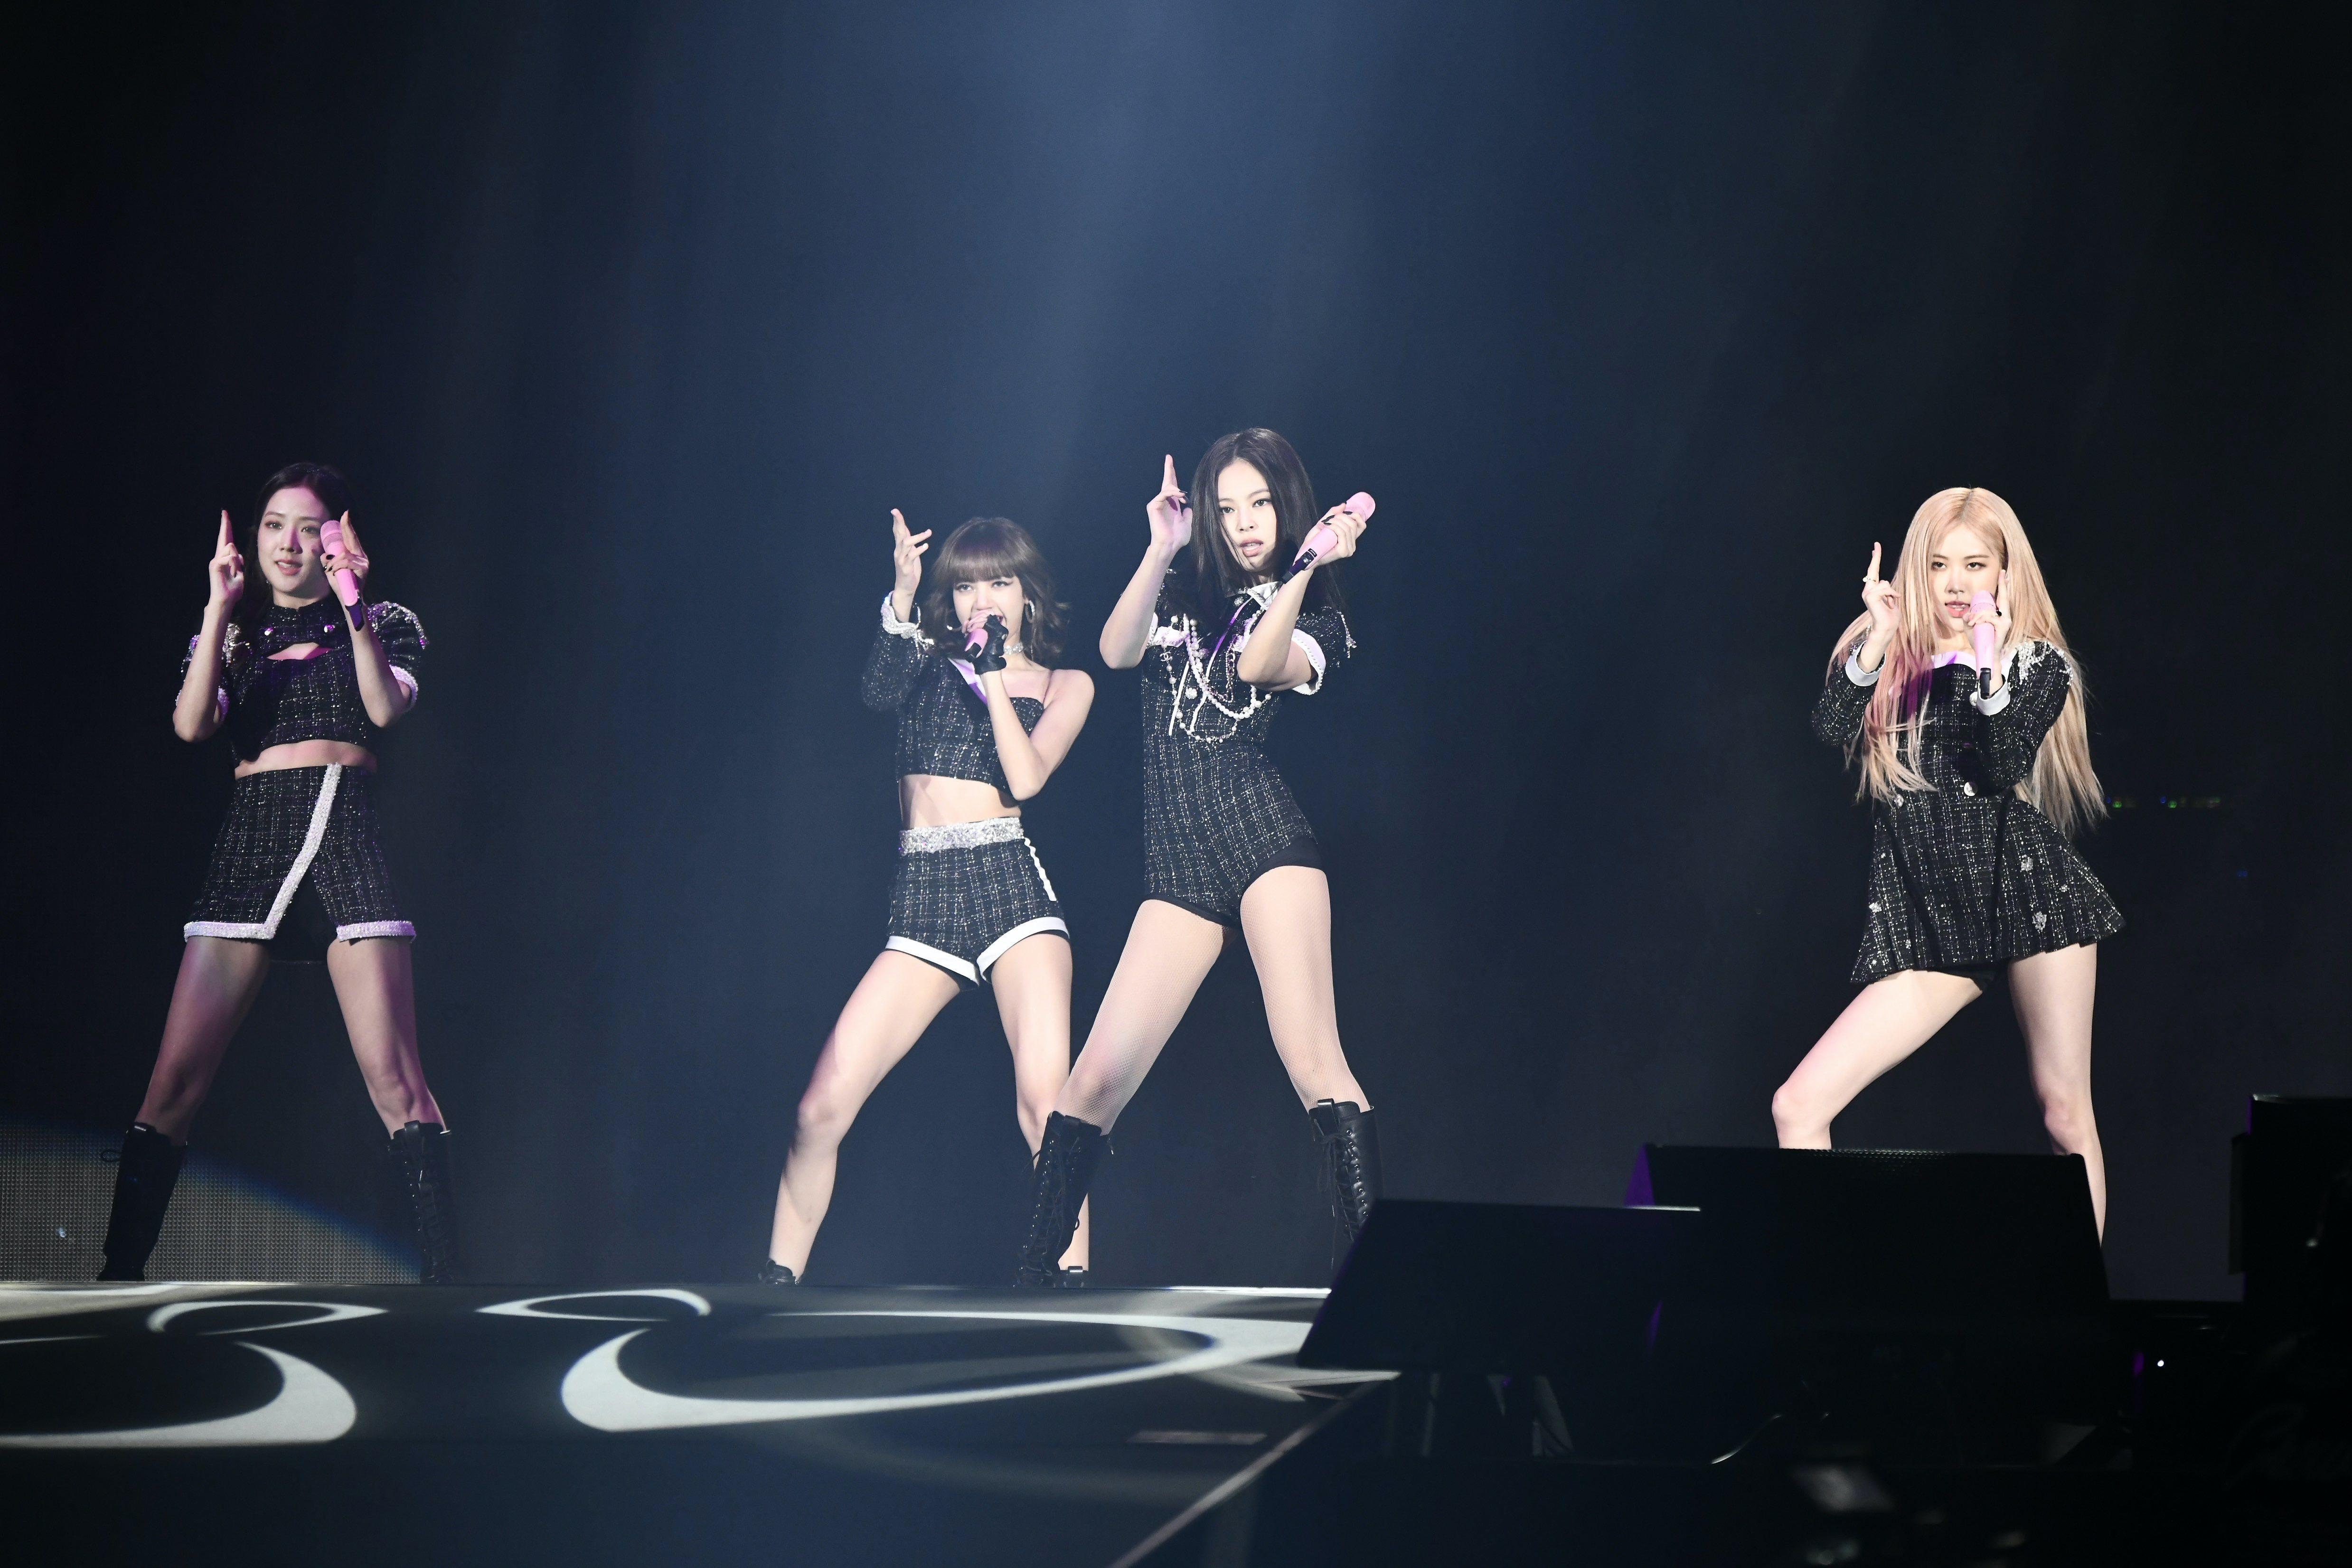 ガールクラッシュ、BLACKPINK初の東京ドーム公演へ!_1_2-1